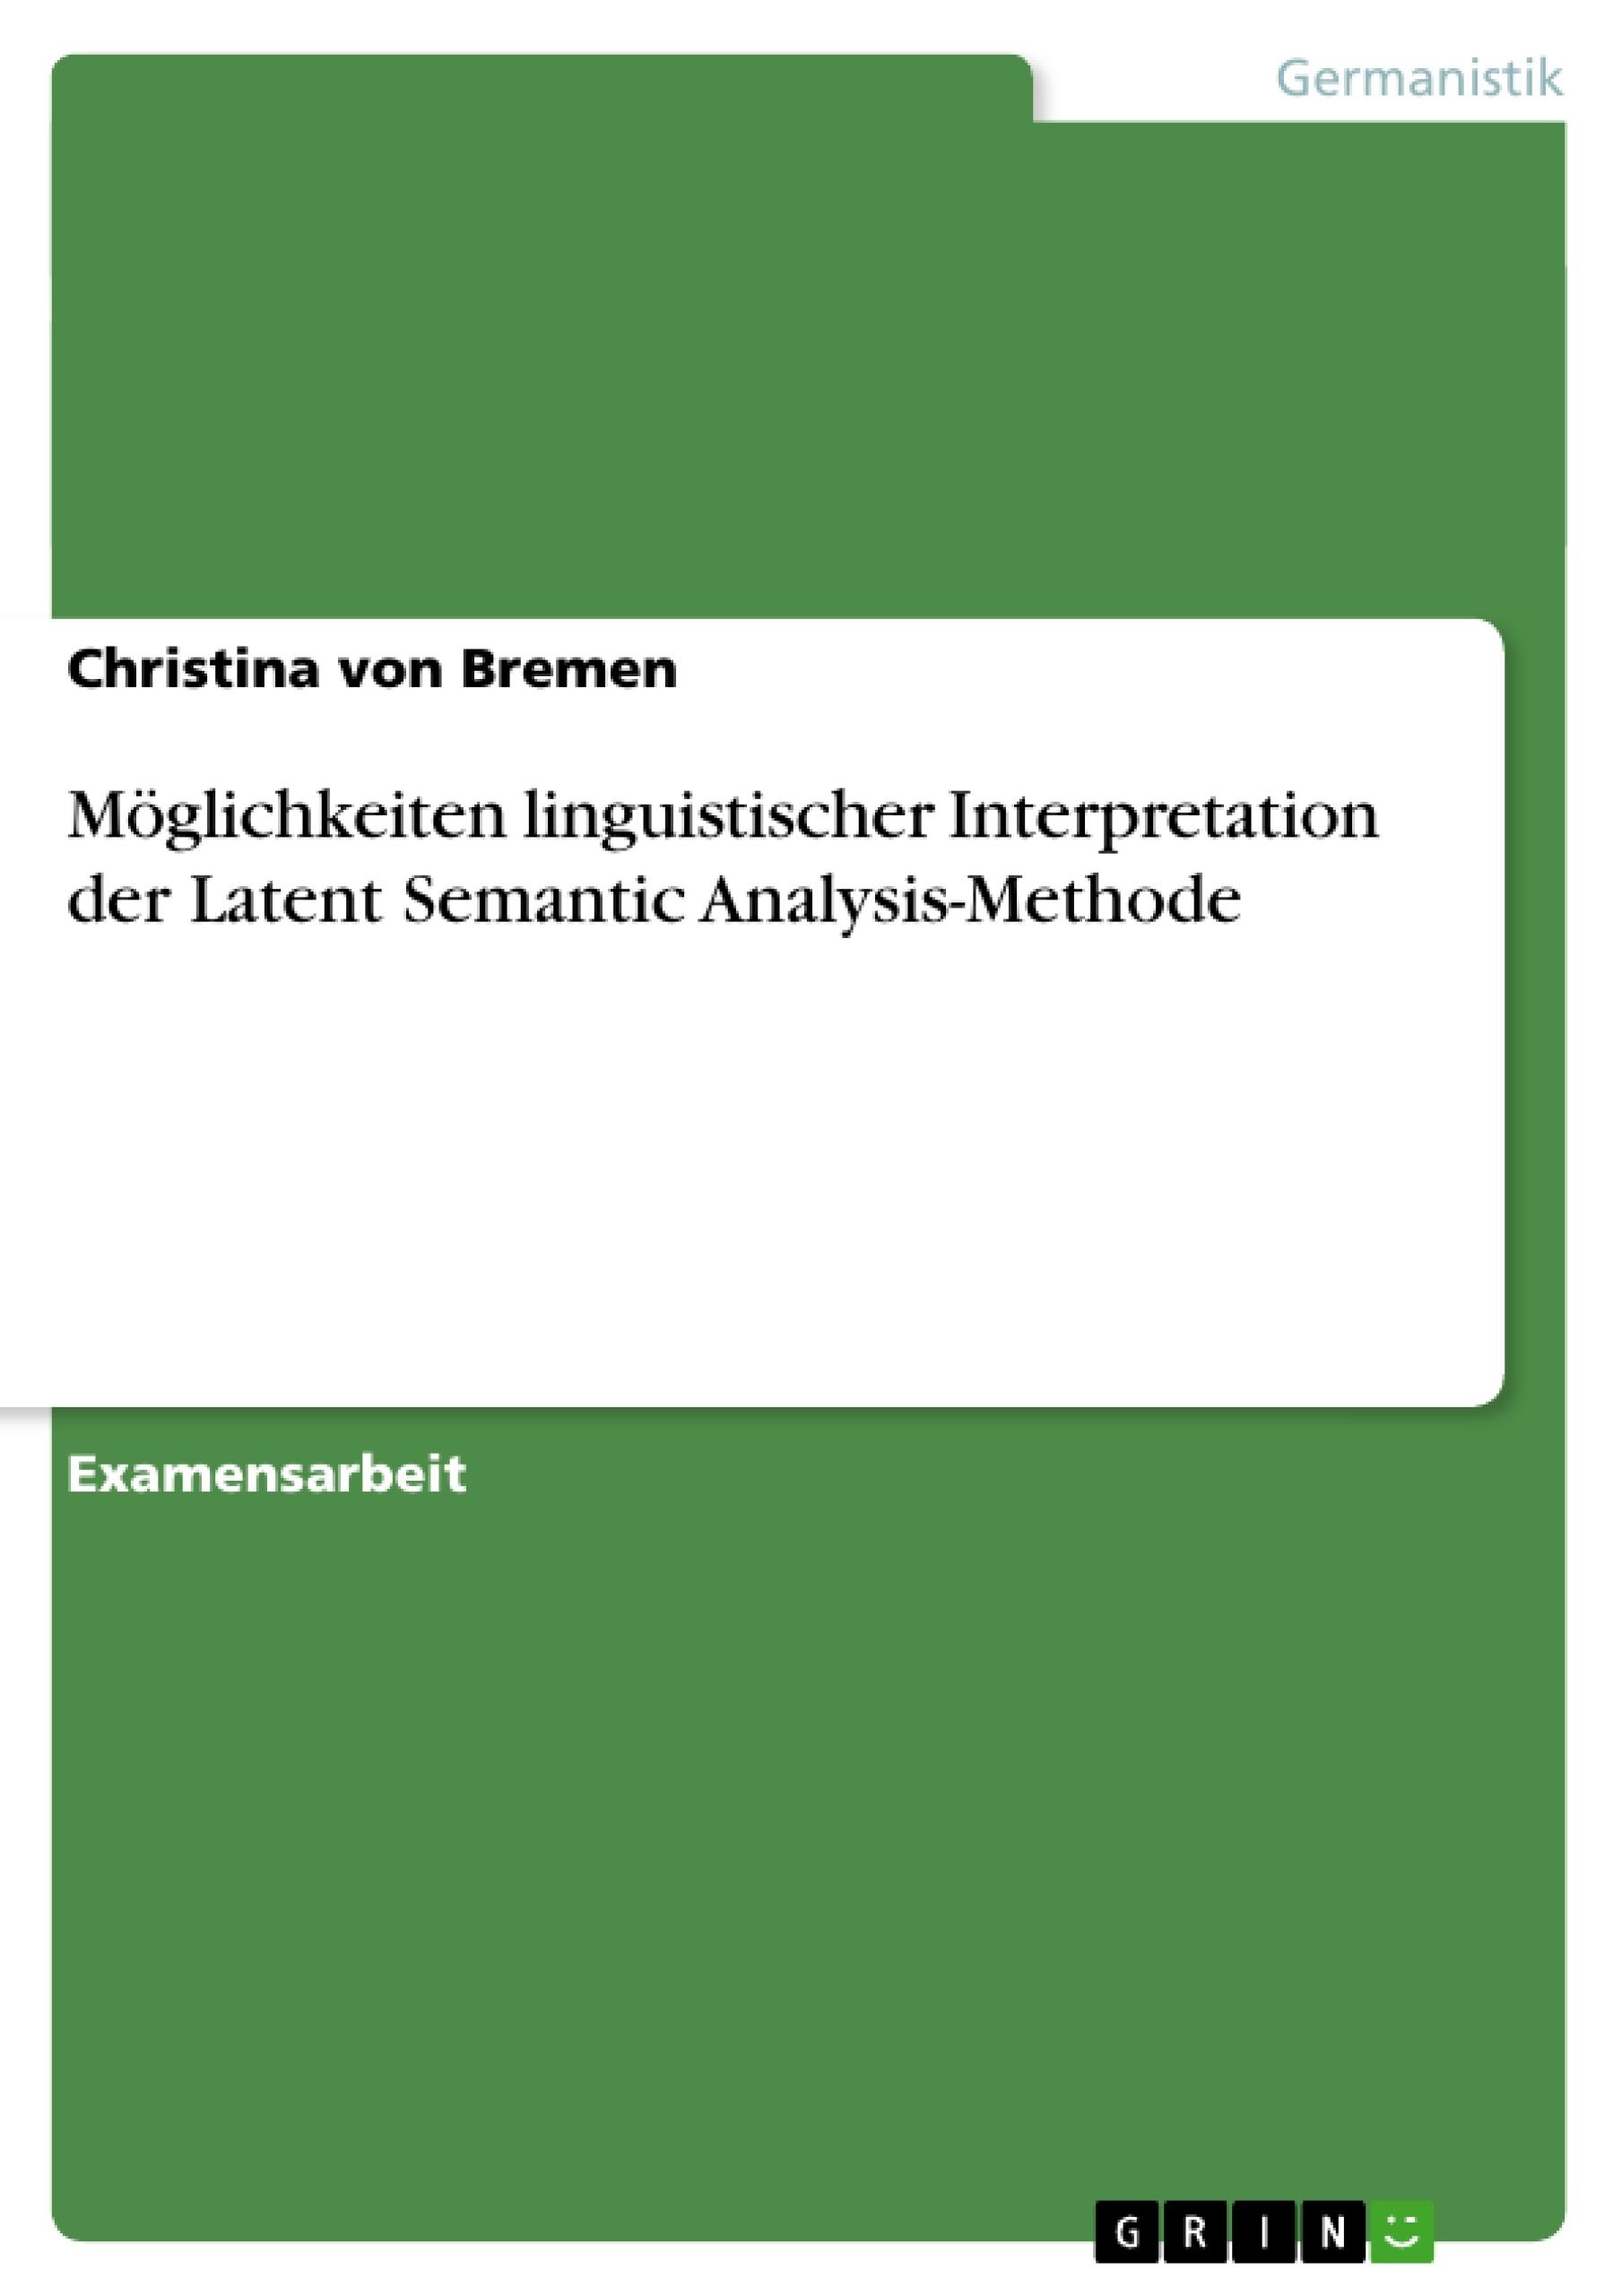 Titel: Möglichkeiten linguistischer Interpretation der Latent Semantic Analysis-Methode